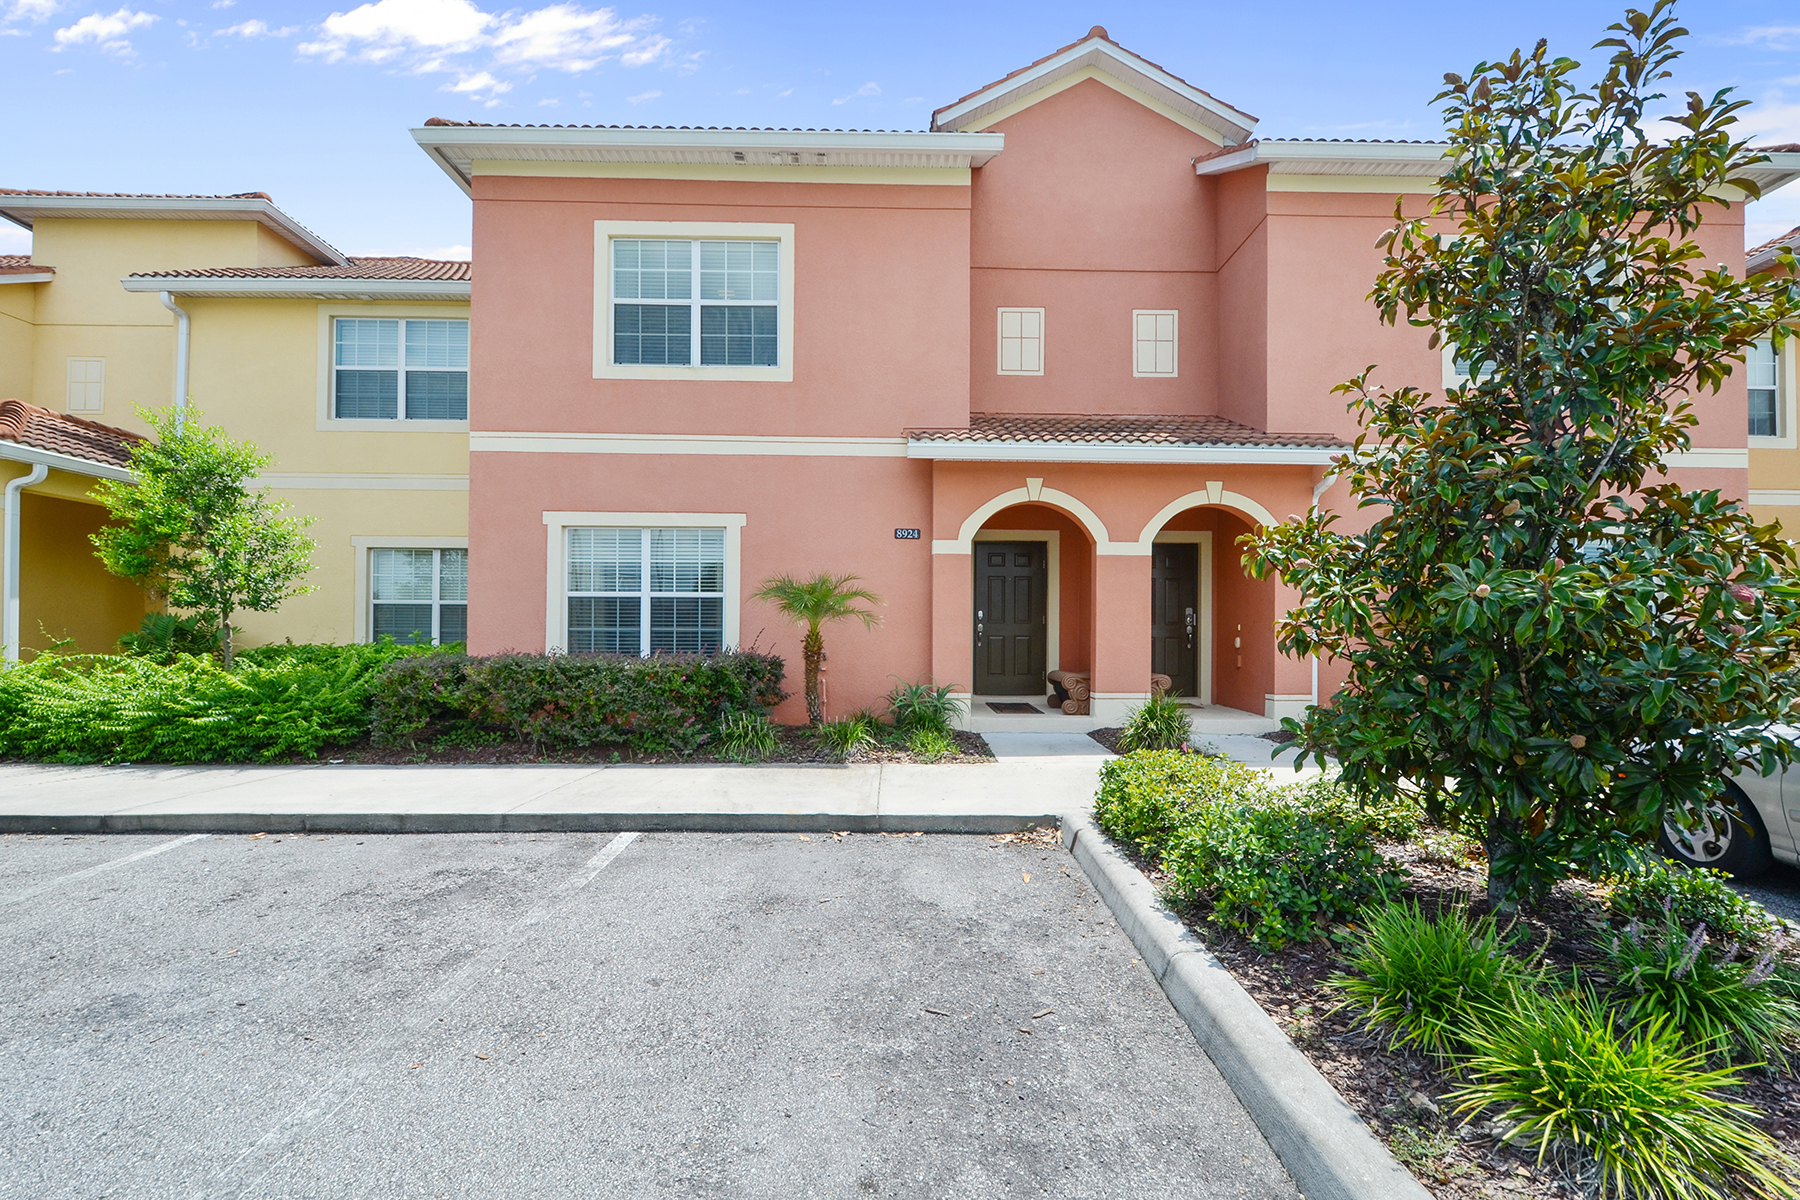 Herenhuis voor Verkoop op ORLANDO - KISSIMMEE 8924 Majesty Palm Rd Kissimmee, Florida 34747 Verenigde Staten